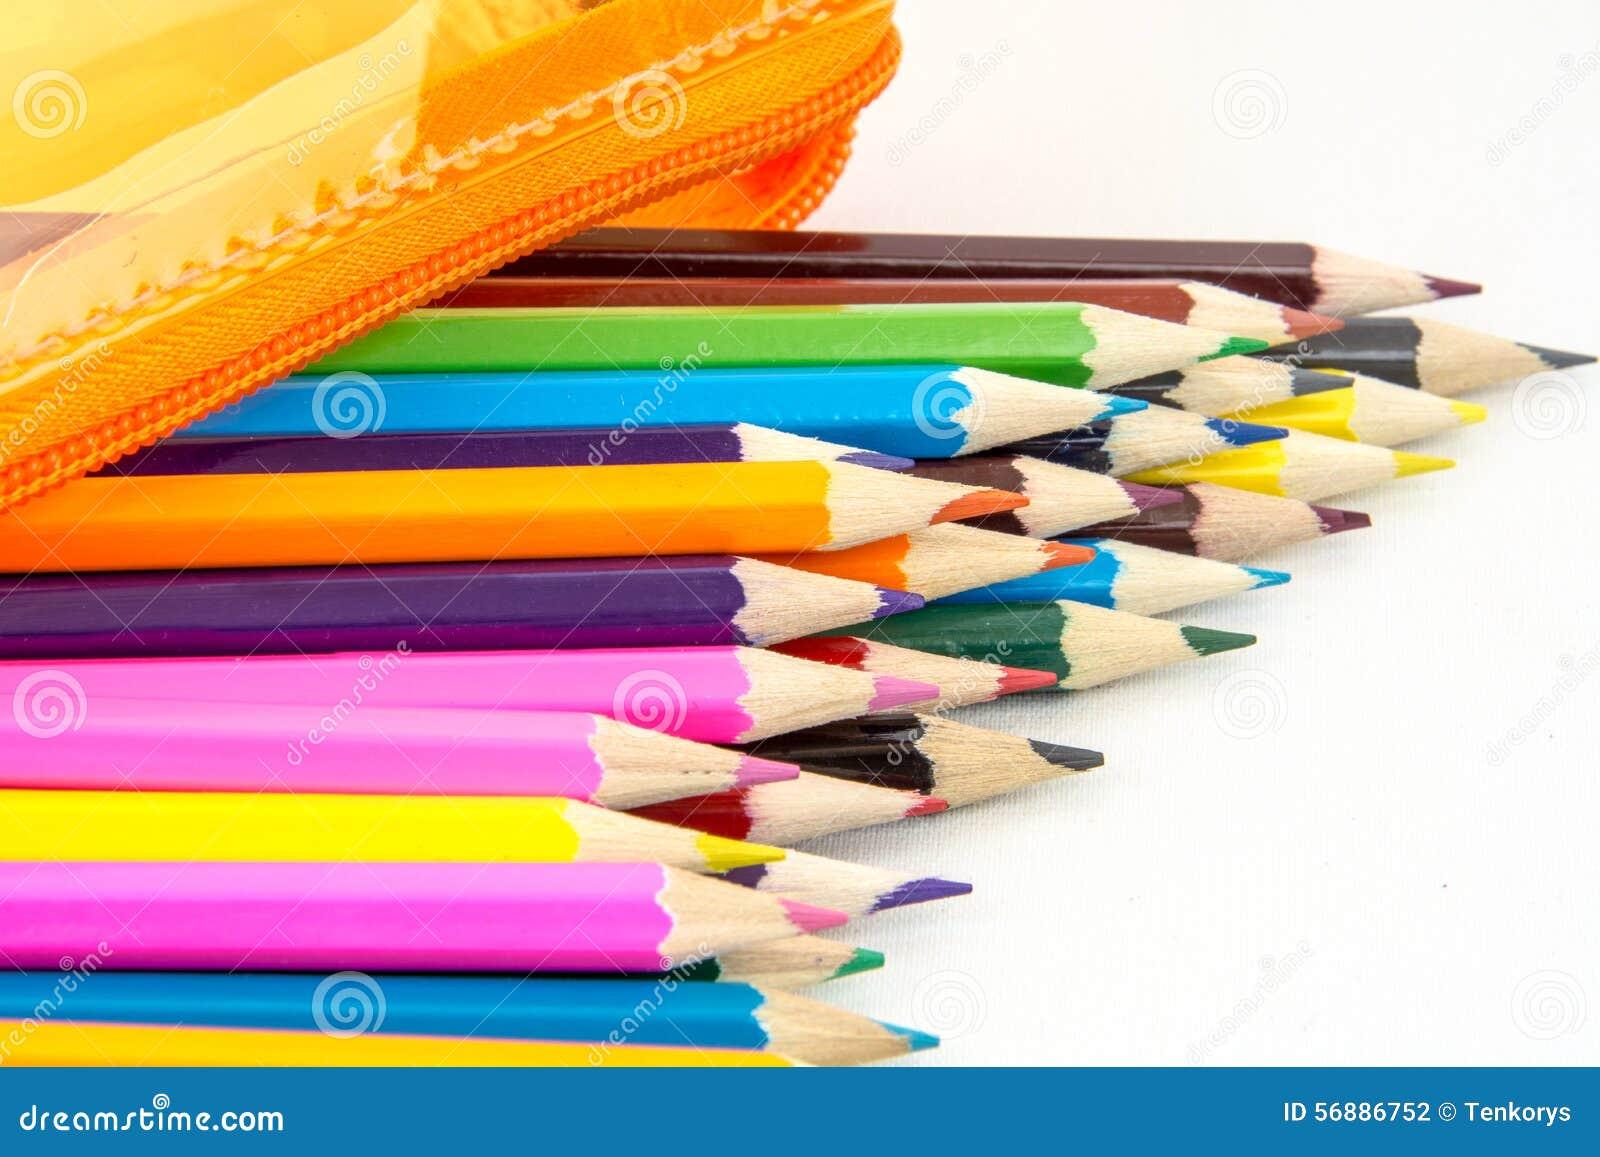 Matita di colore per la scuola o altra